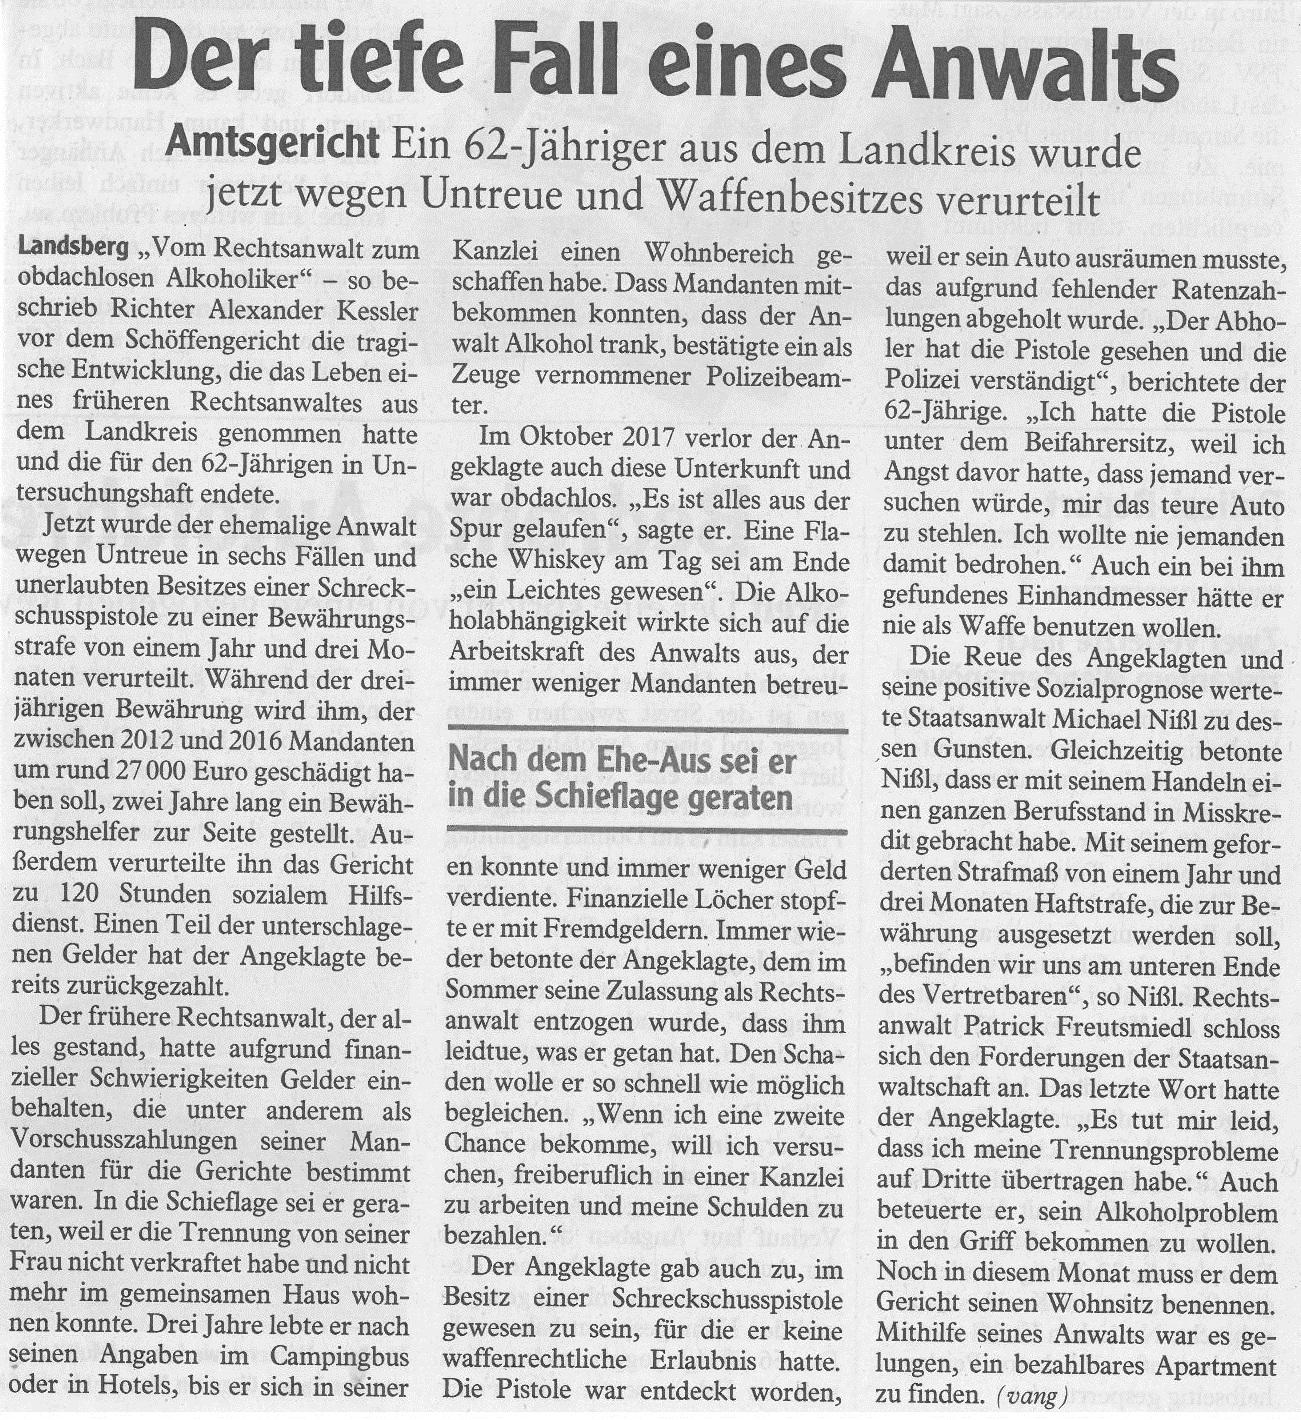 Landsberger Tagblatt, Januar 2018